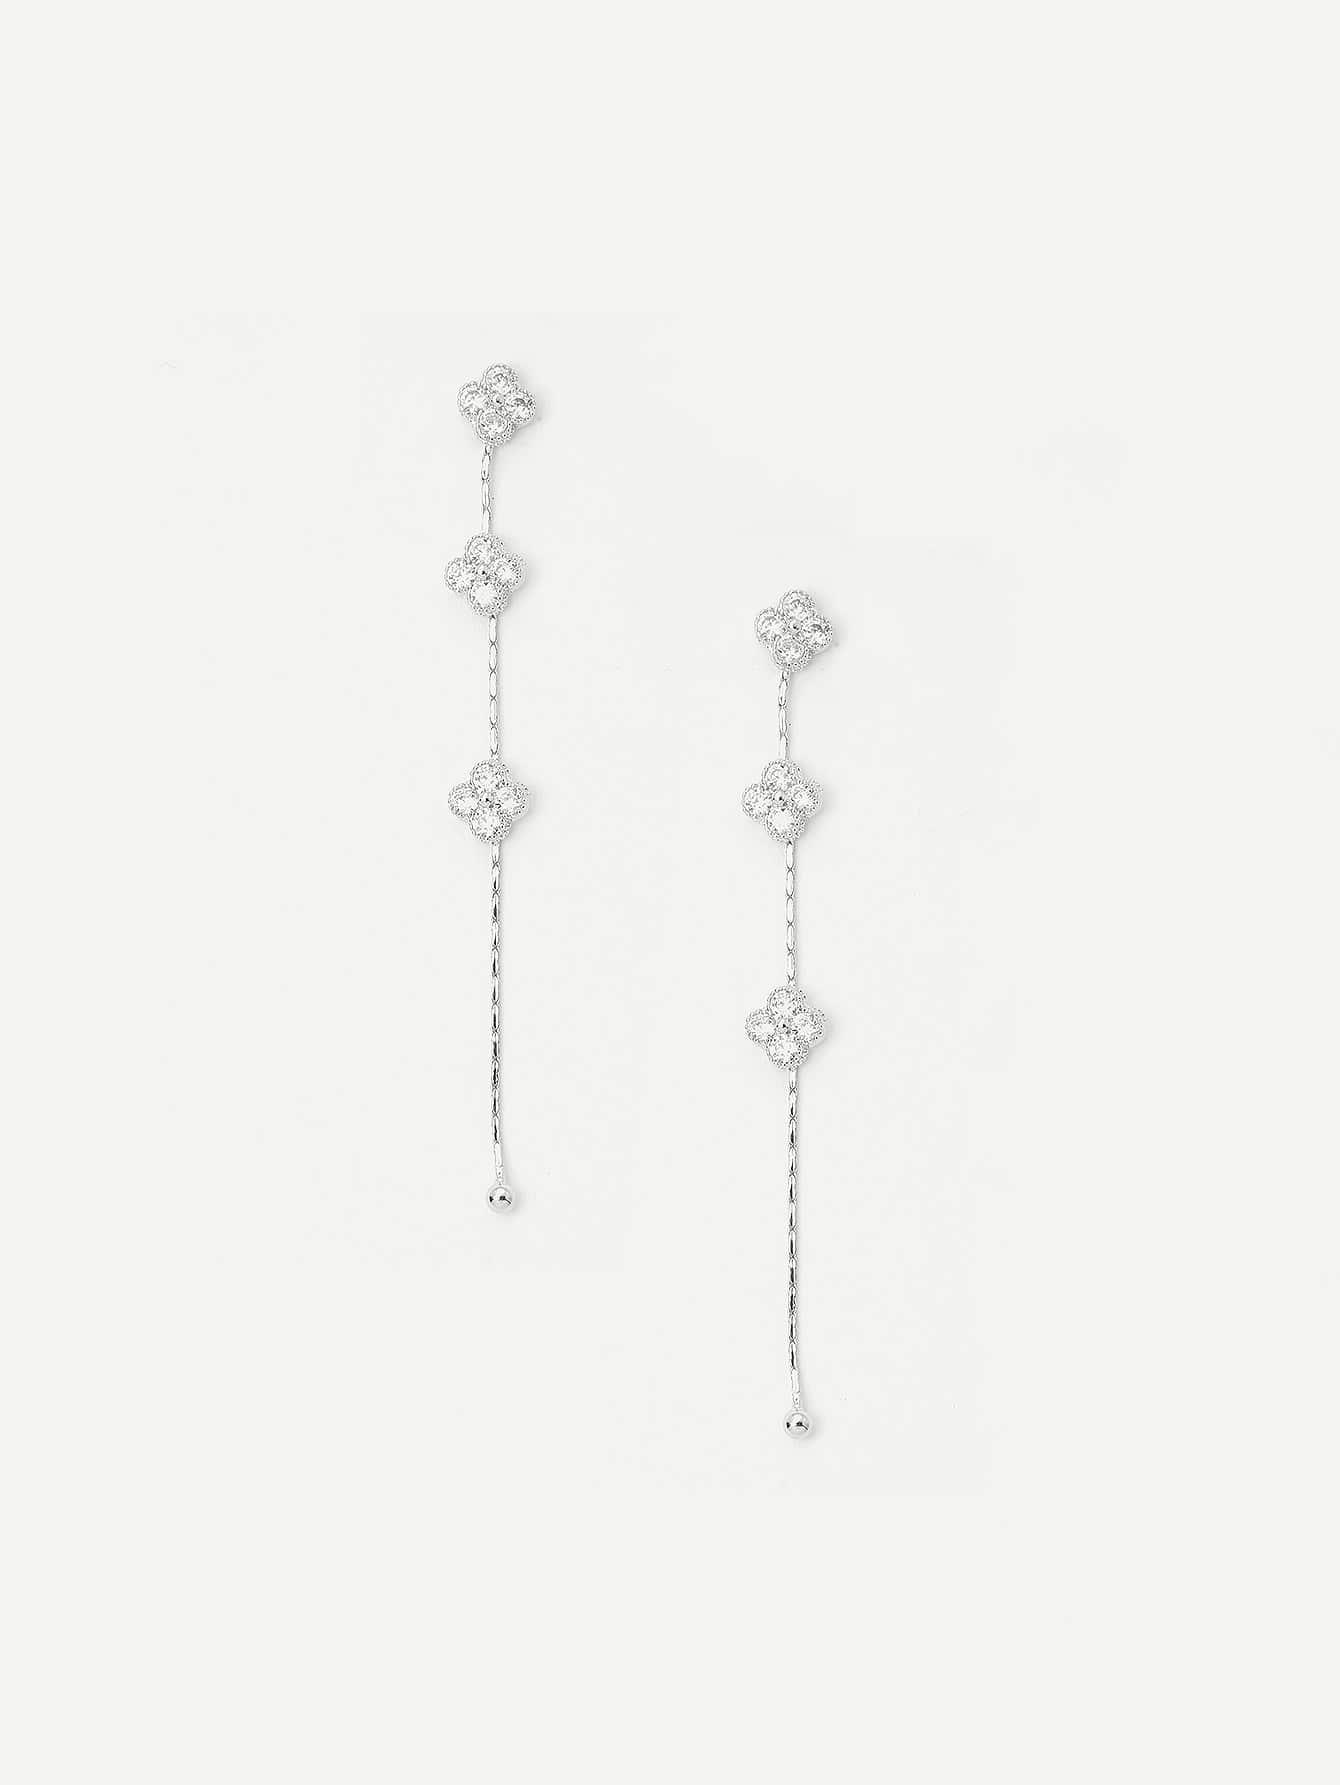 Rhinestone Flower Long Chain Drop Earrings rhinestone ball hook long chain earrings